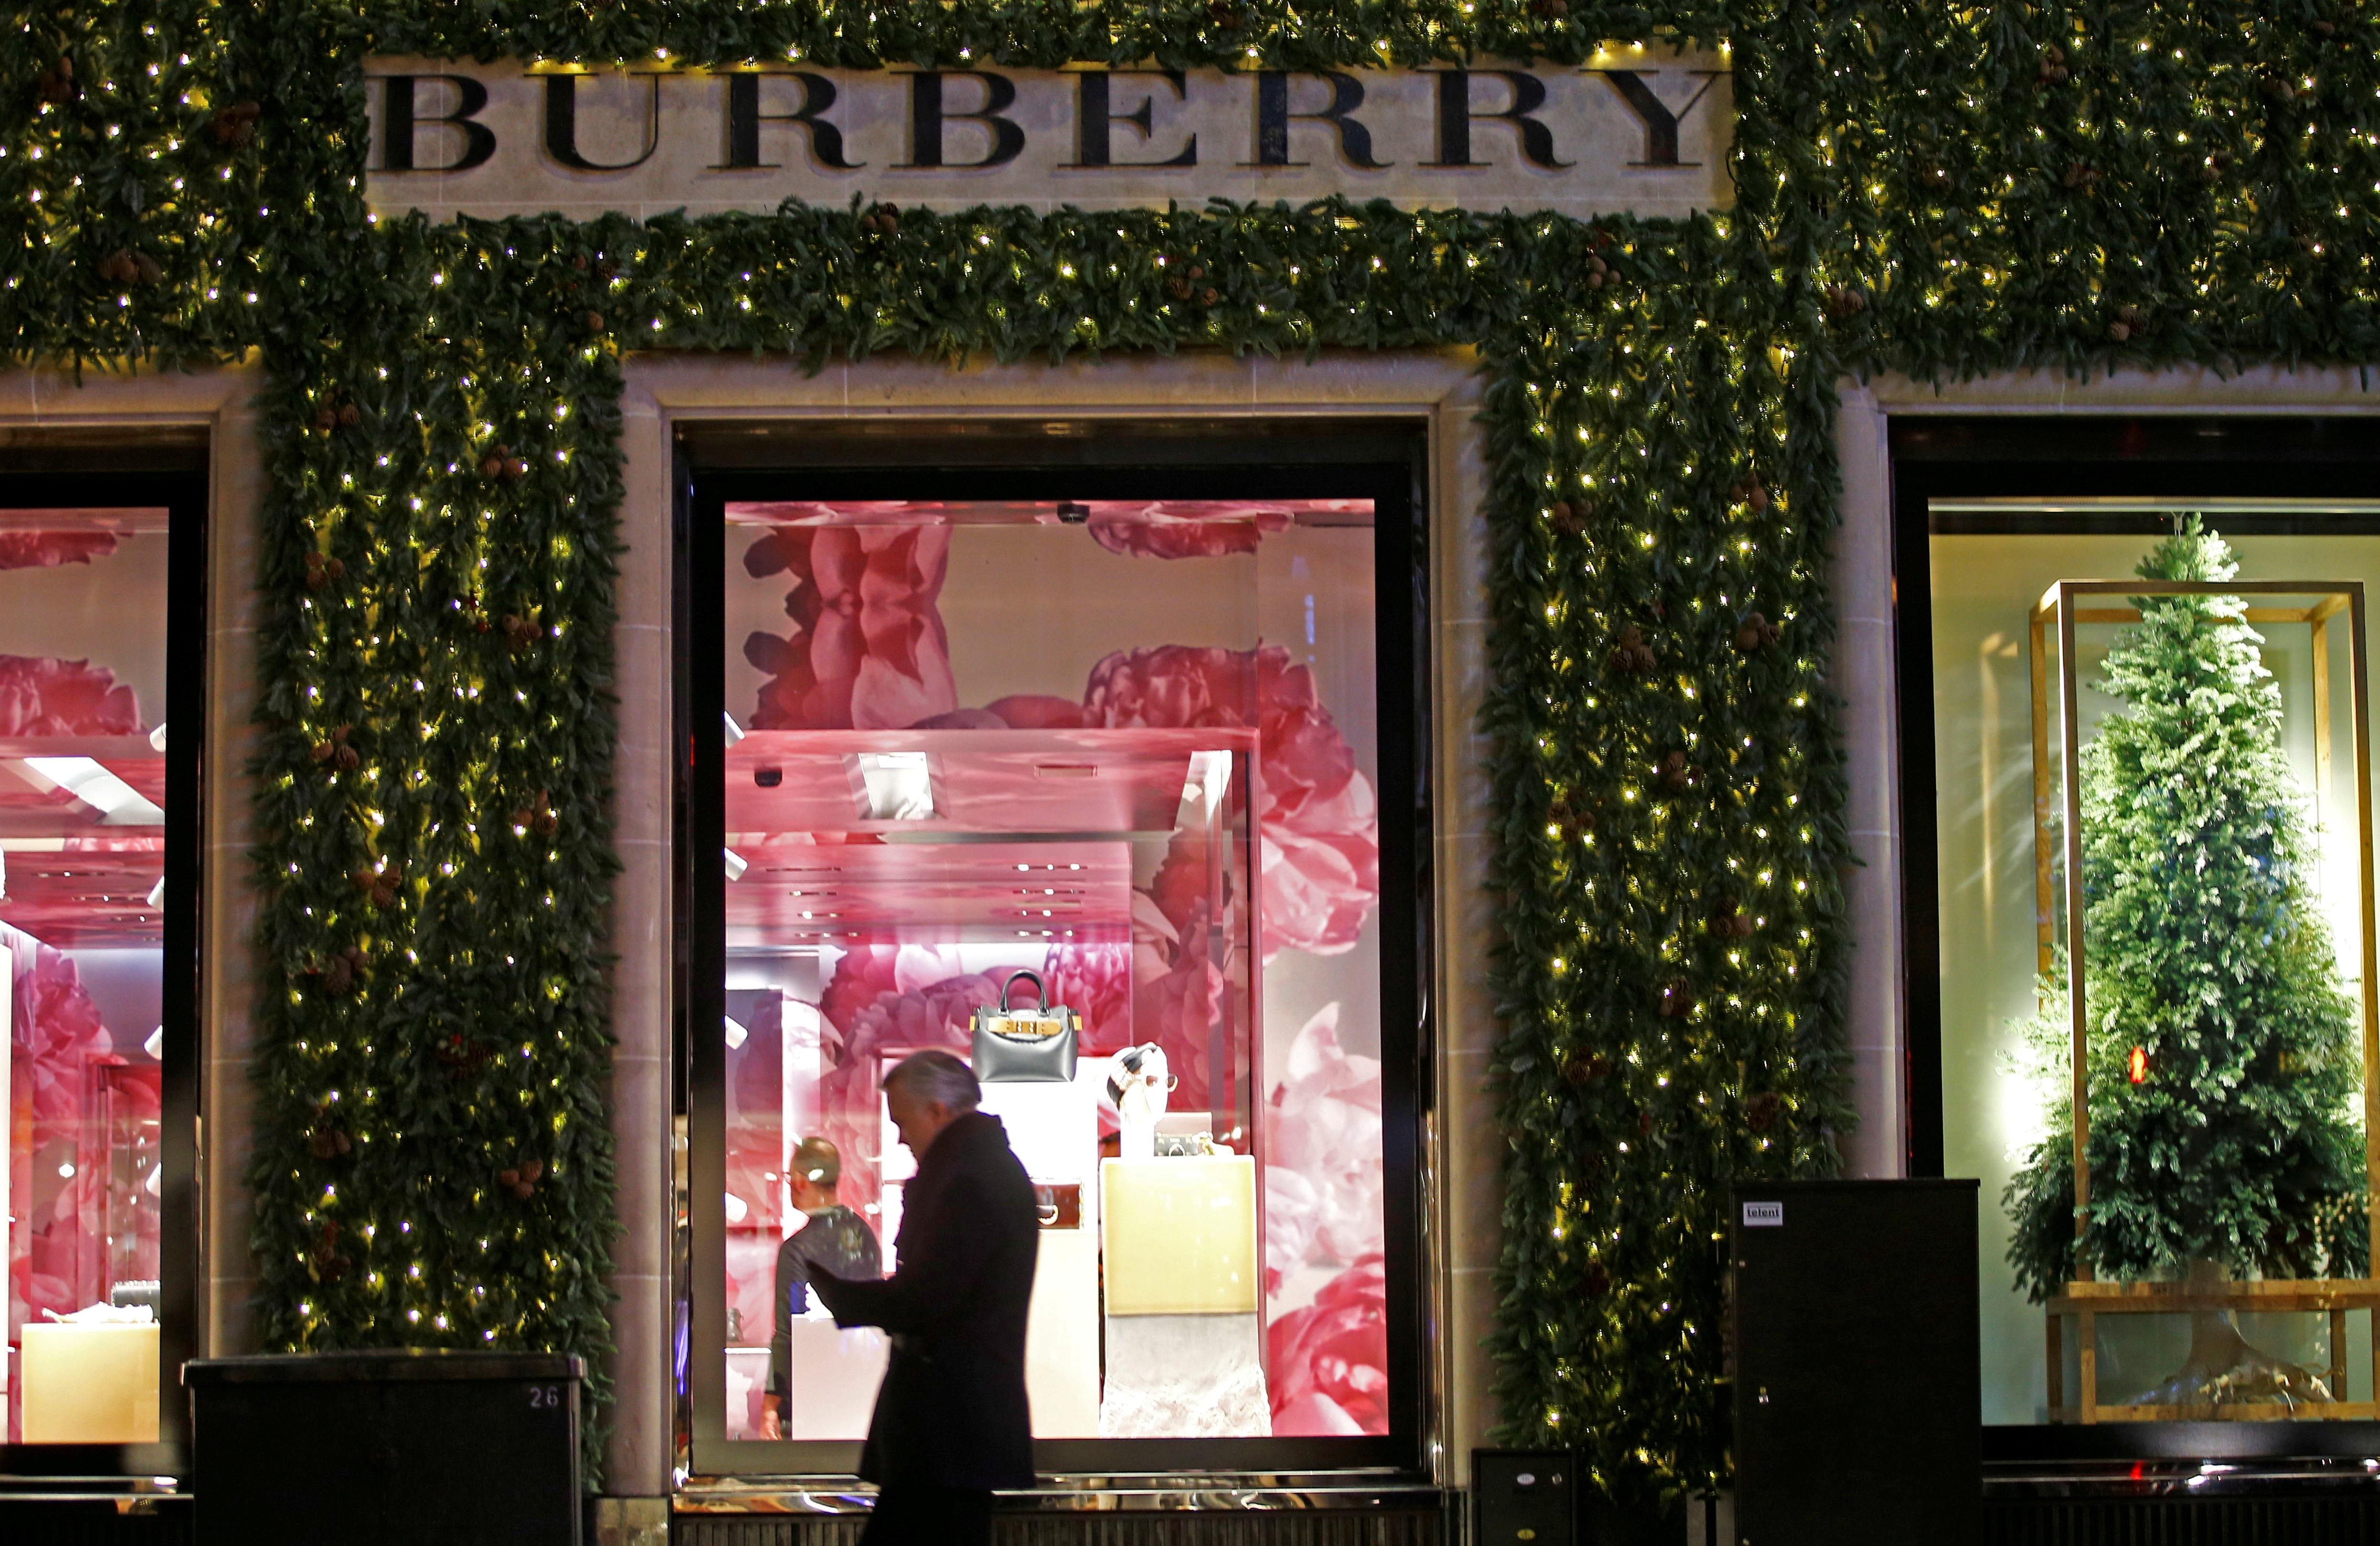 Ο οίκος Burberry αναβάλλει την επίδειξη μόδας λόγω του θανάτου του πρίγκιπα Φιλίππου